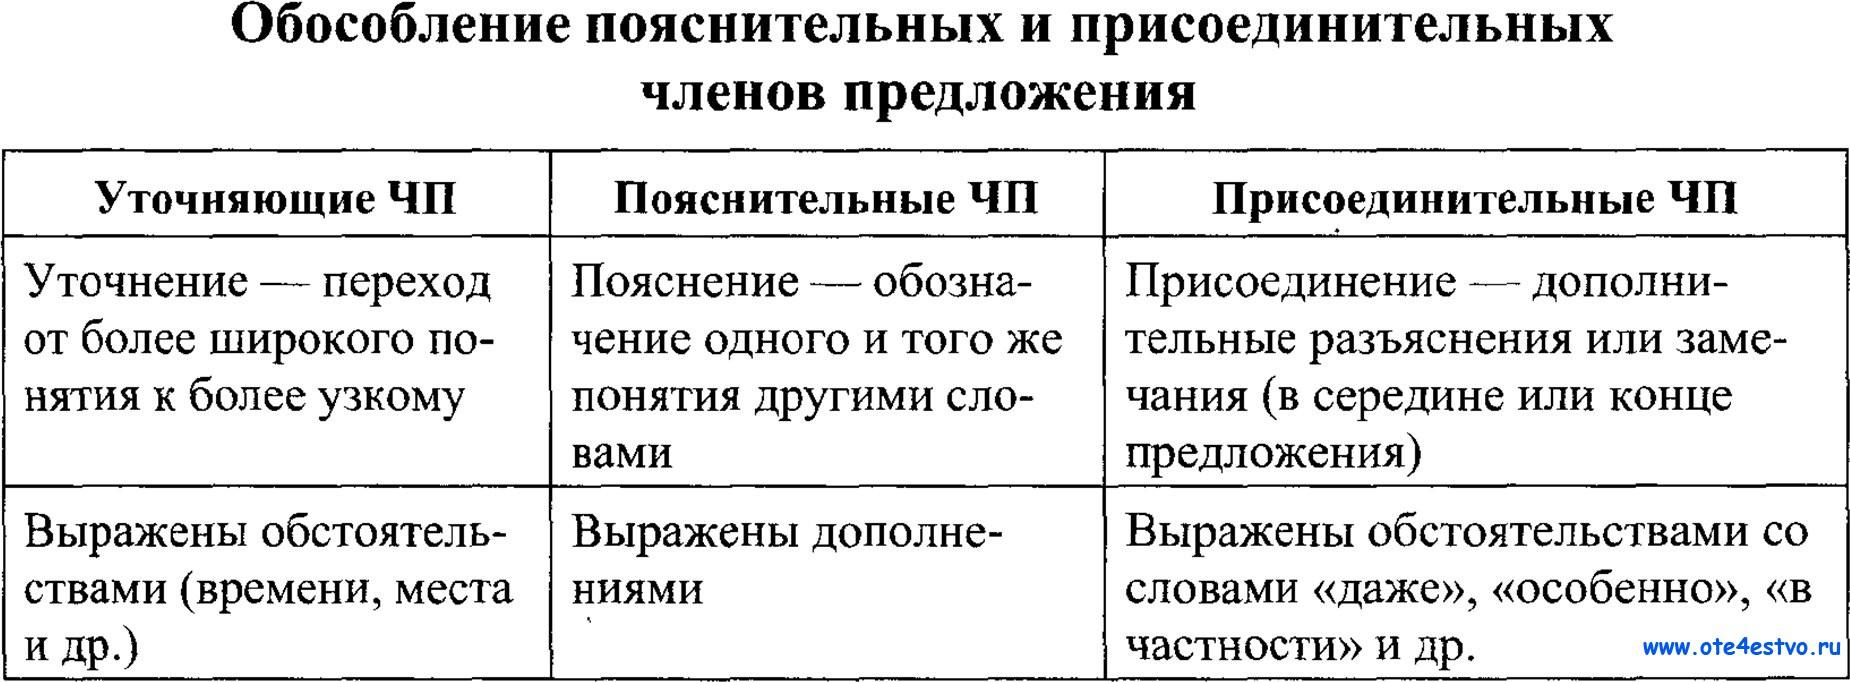 znaki-prepinaniya-pri-utochnyayushih-chlenah